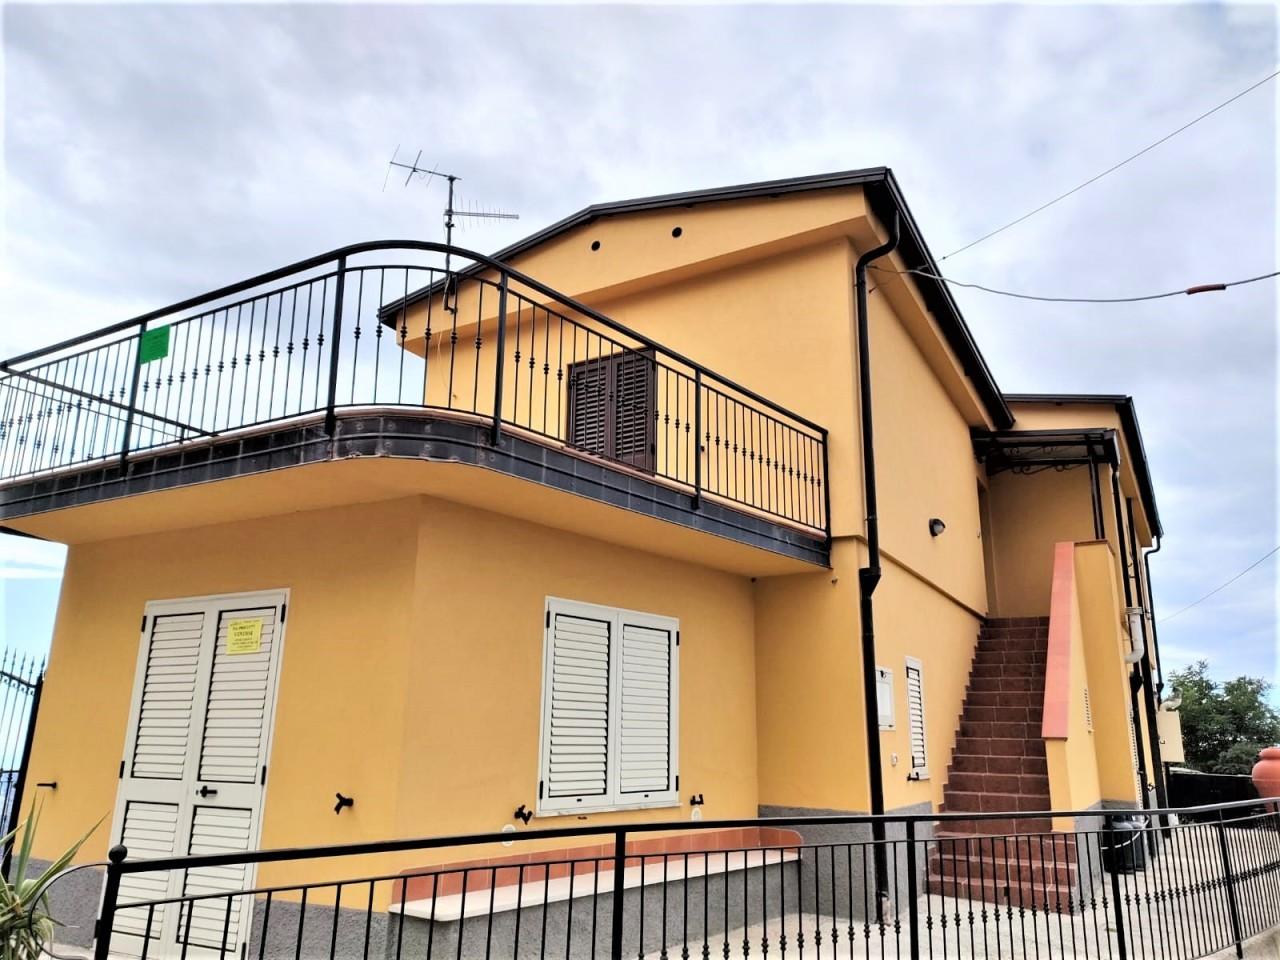 Soluzione Semindipendente in affitto a Bova, 4 locali, prezzo € 270 | CambioCasa.it